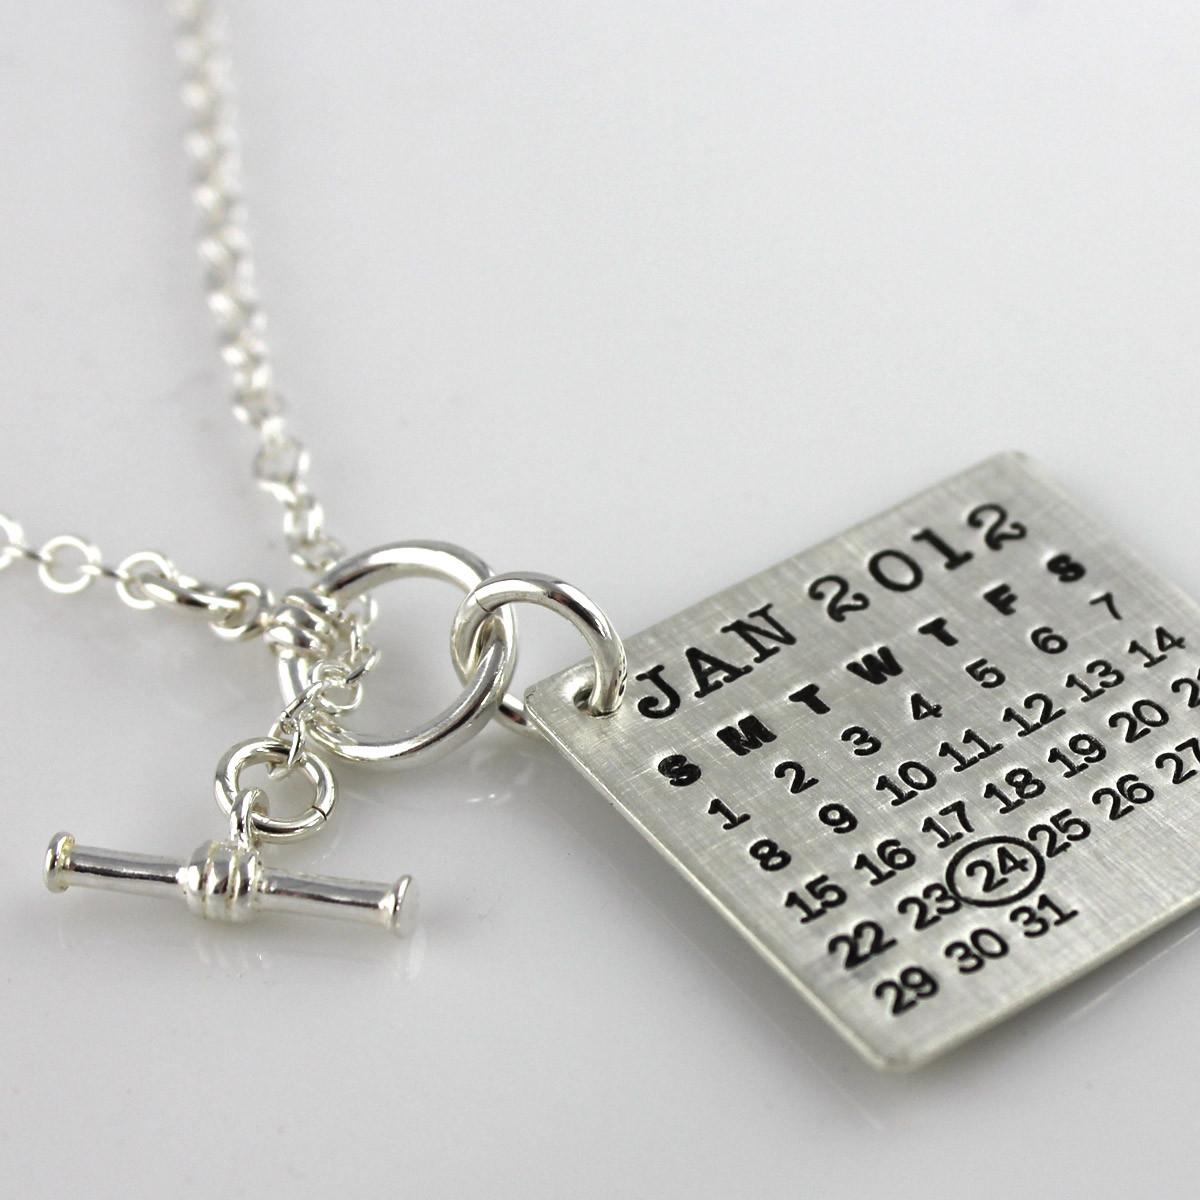 calendar necklace toggle clasp